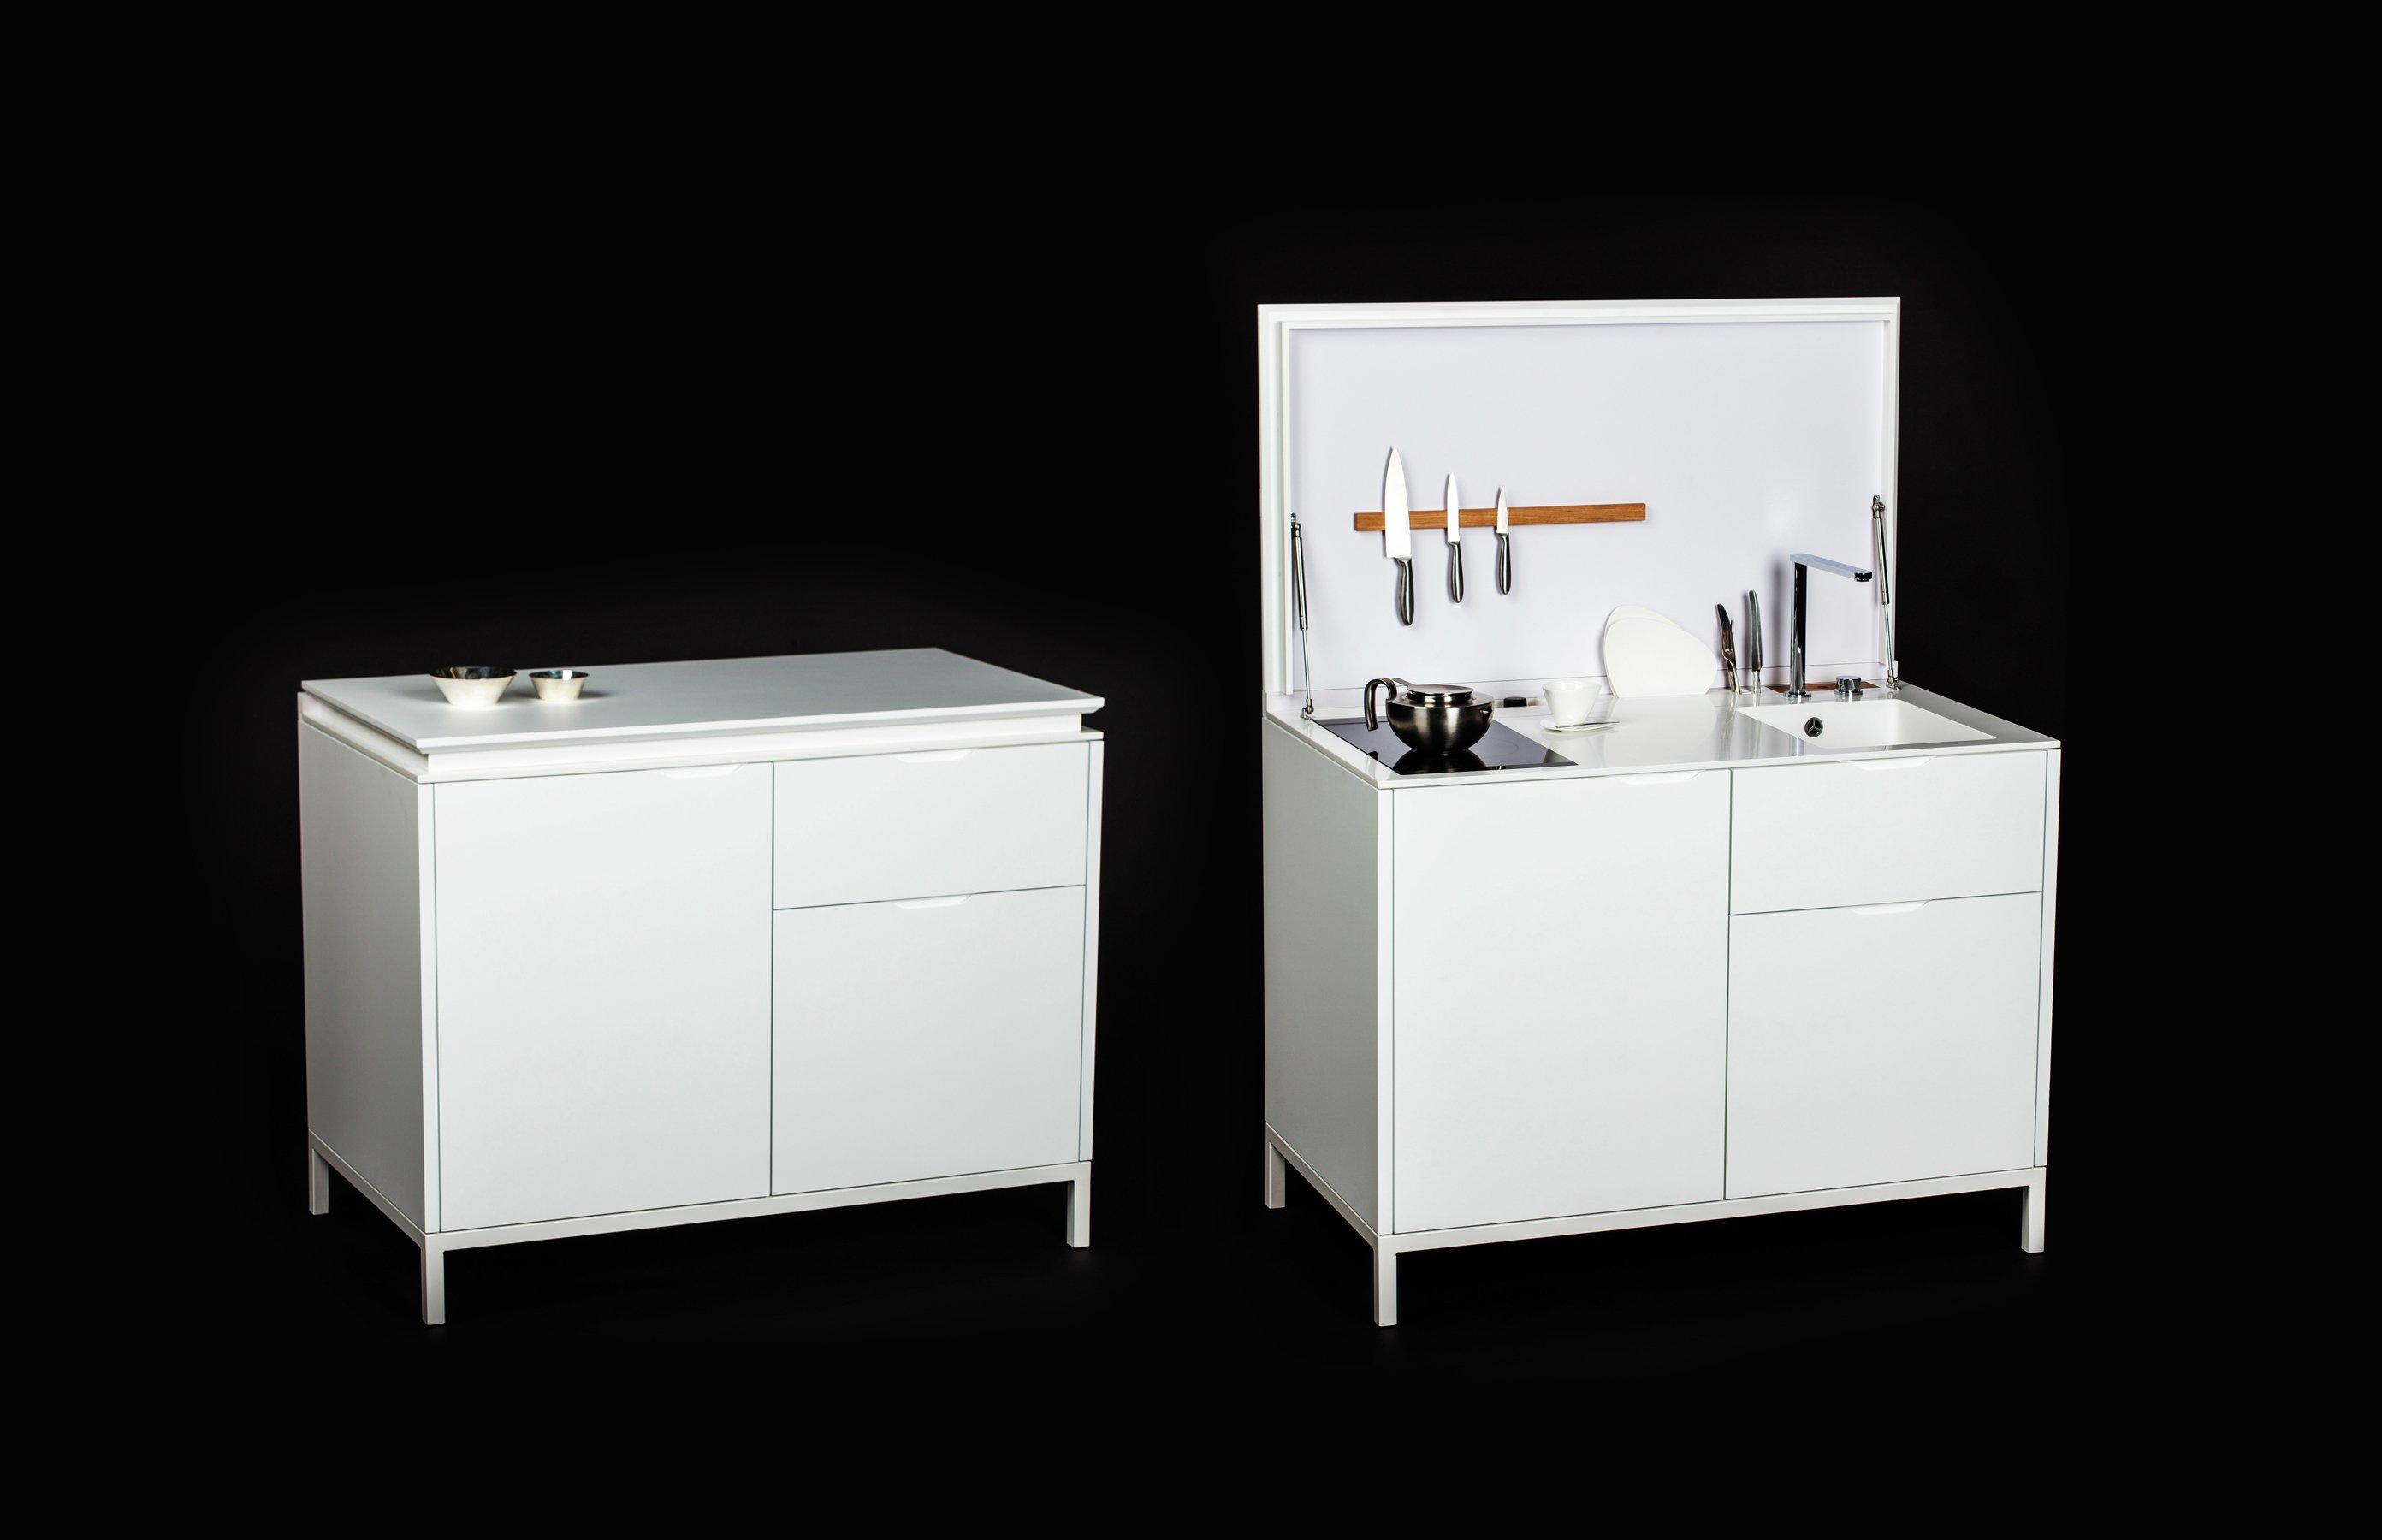 Cucina moderna lineare con lavastoviglie pensili maxi frontale